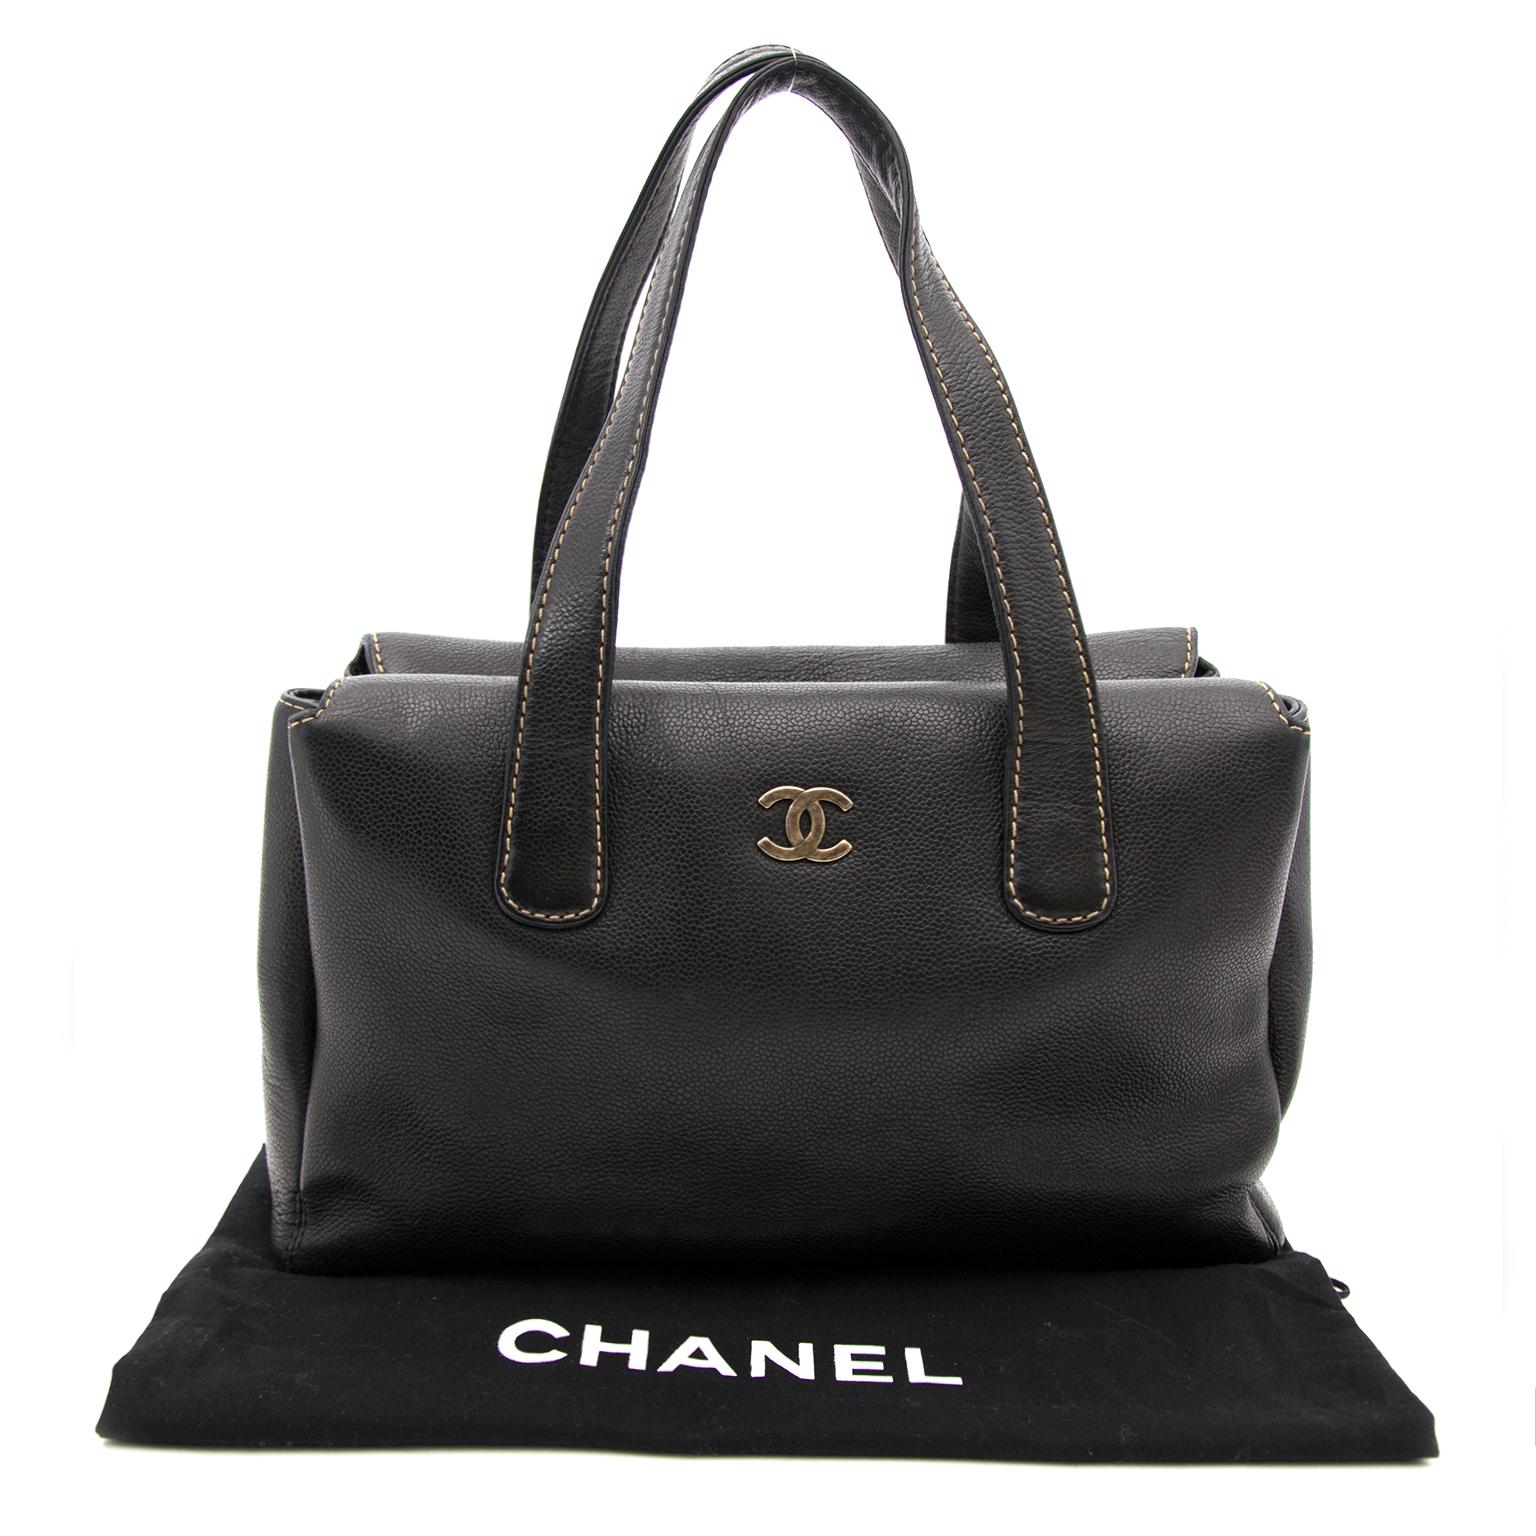 Zwarte Lederen Chanel Handtas nu online op labellov.com tegen de beste prijs.